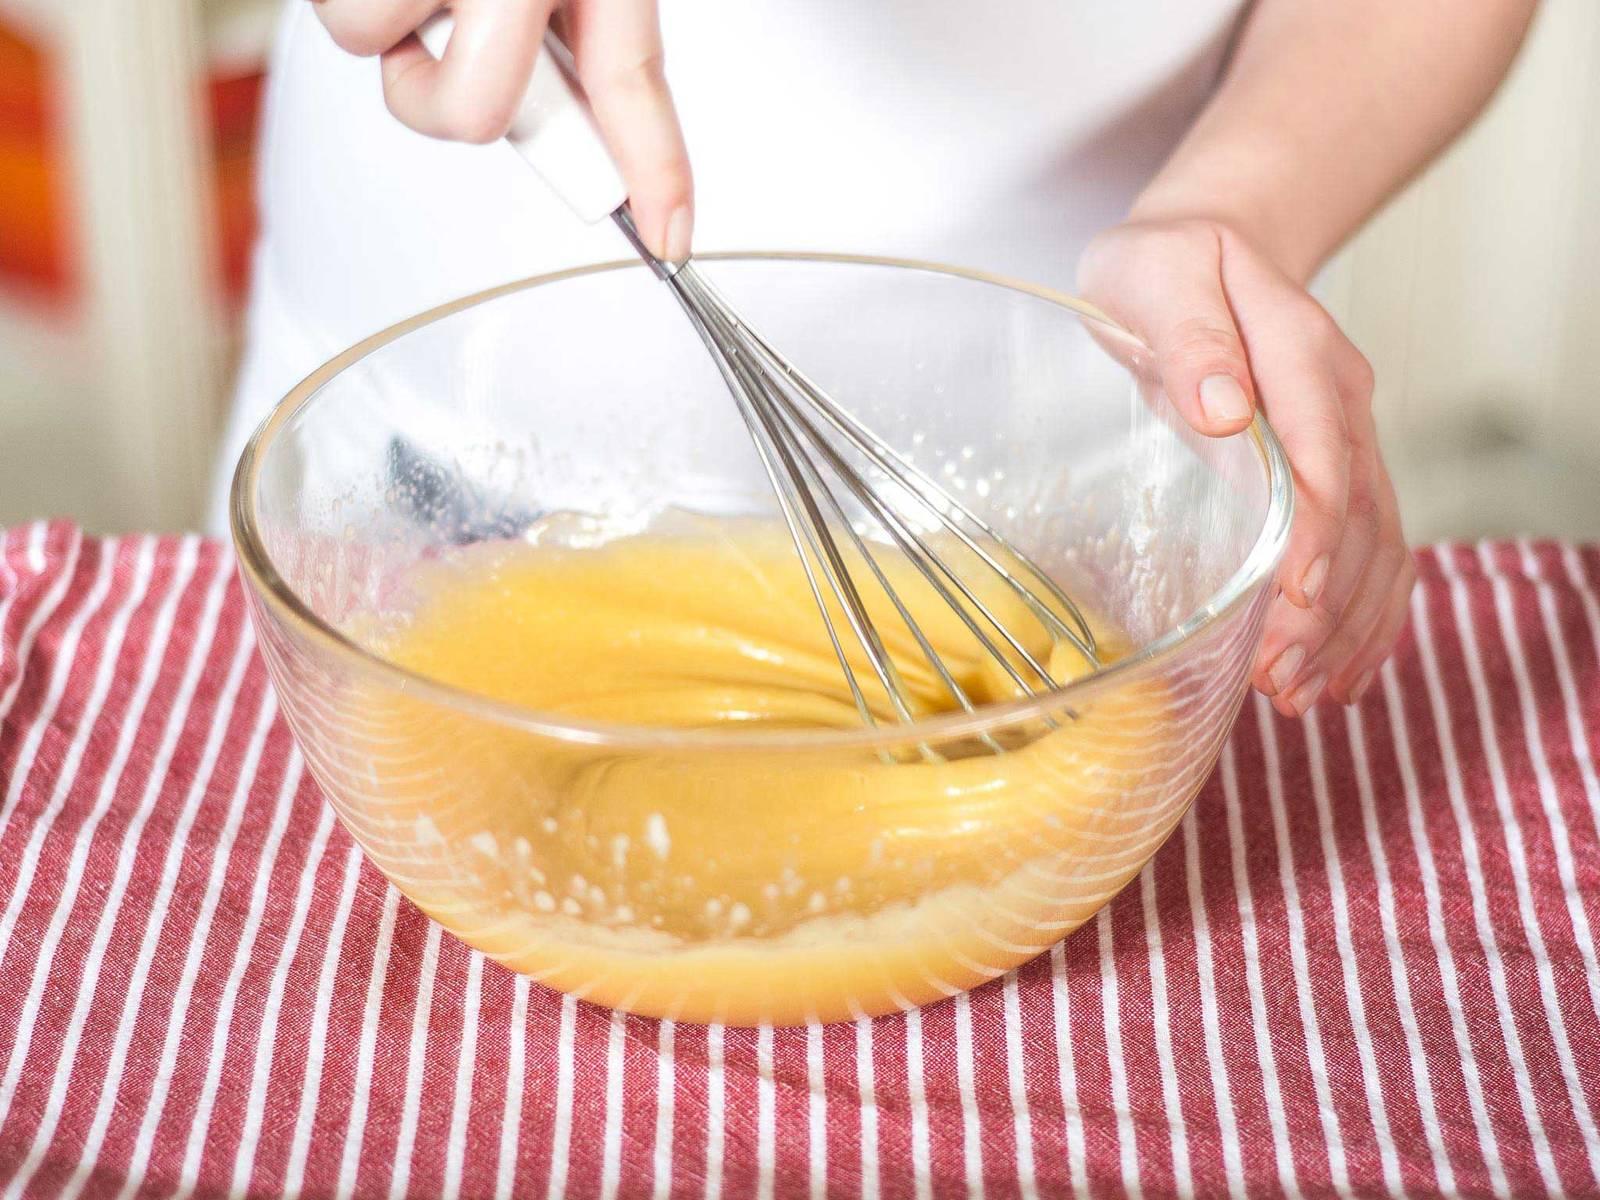 Den warmen Eierlikör direkt in die Schokoladenmasse geben und ebenso gut unterrühren. Die Masse ca. 20 Min. kalt stellen.